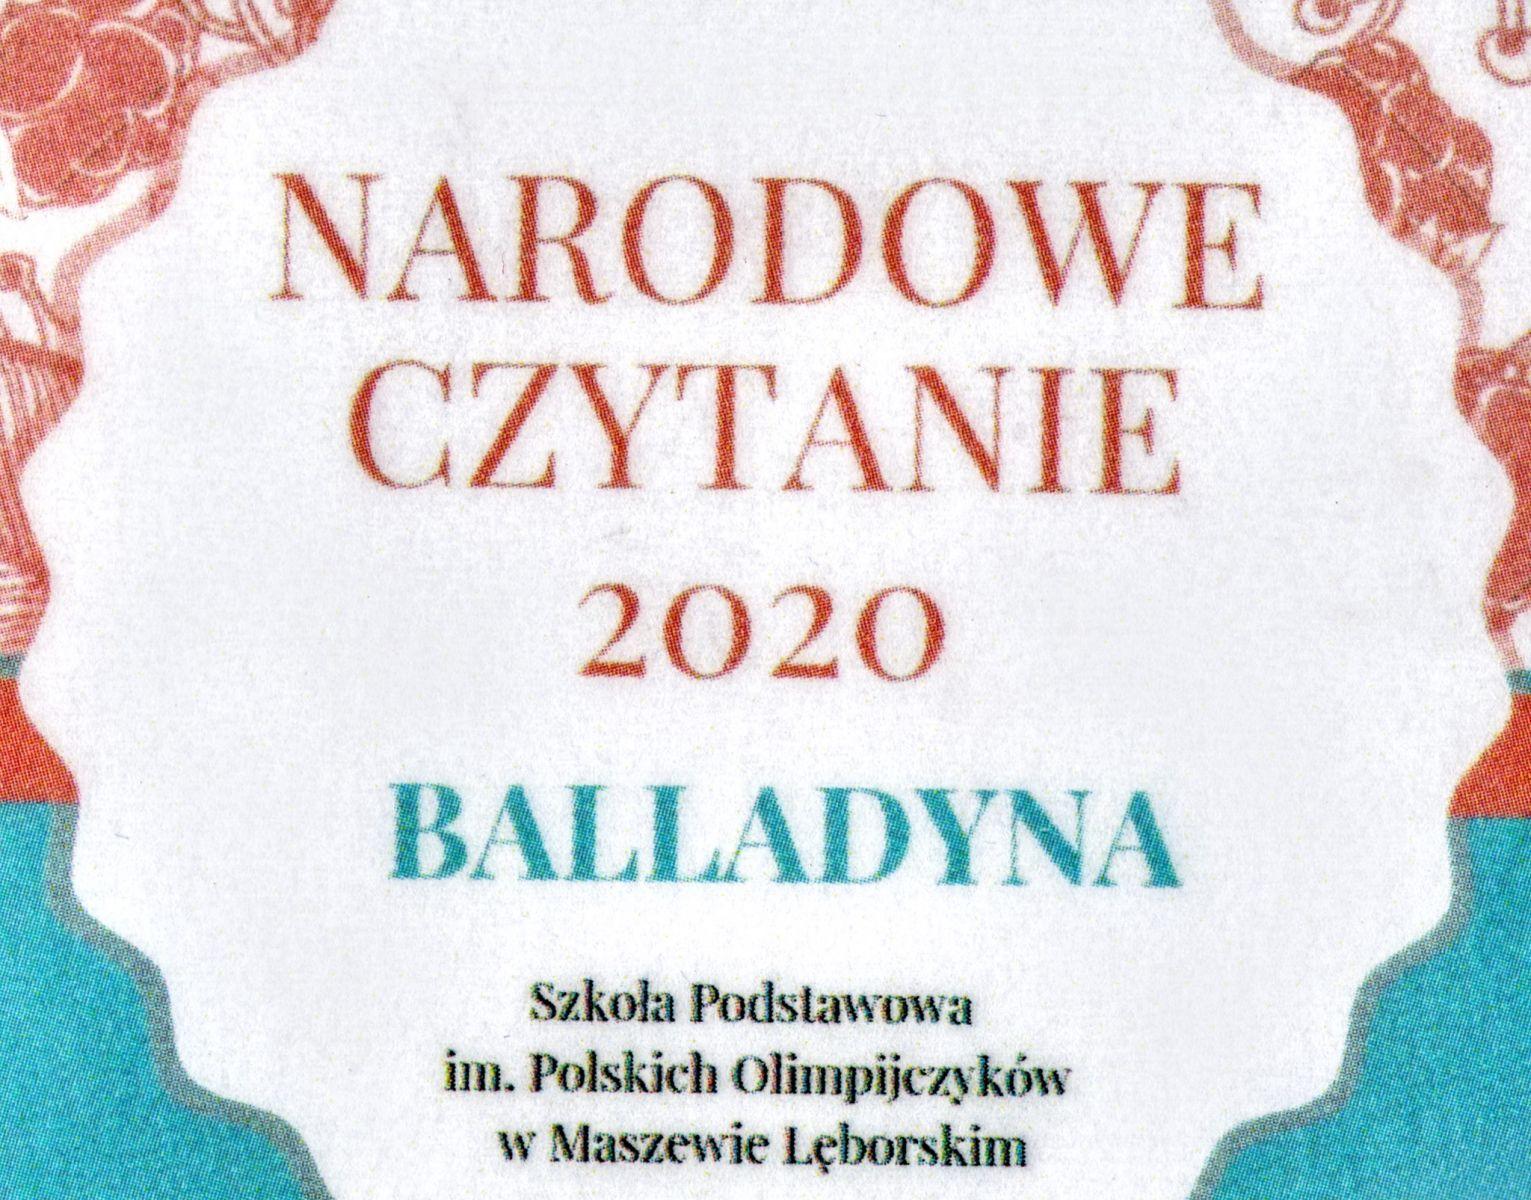 Plakat z napisem Narodowe Czytanie 2020 Balladyna Szkoła Podstawowa im. Polskich Olimpijczyków w Maszewie Lęborskim